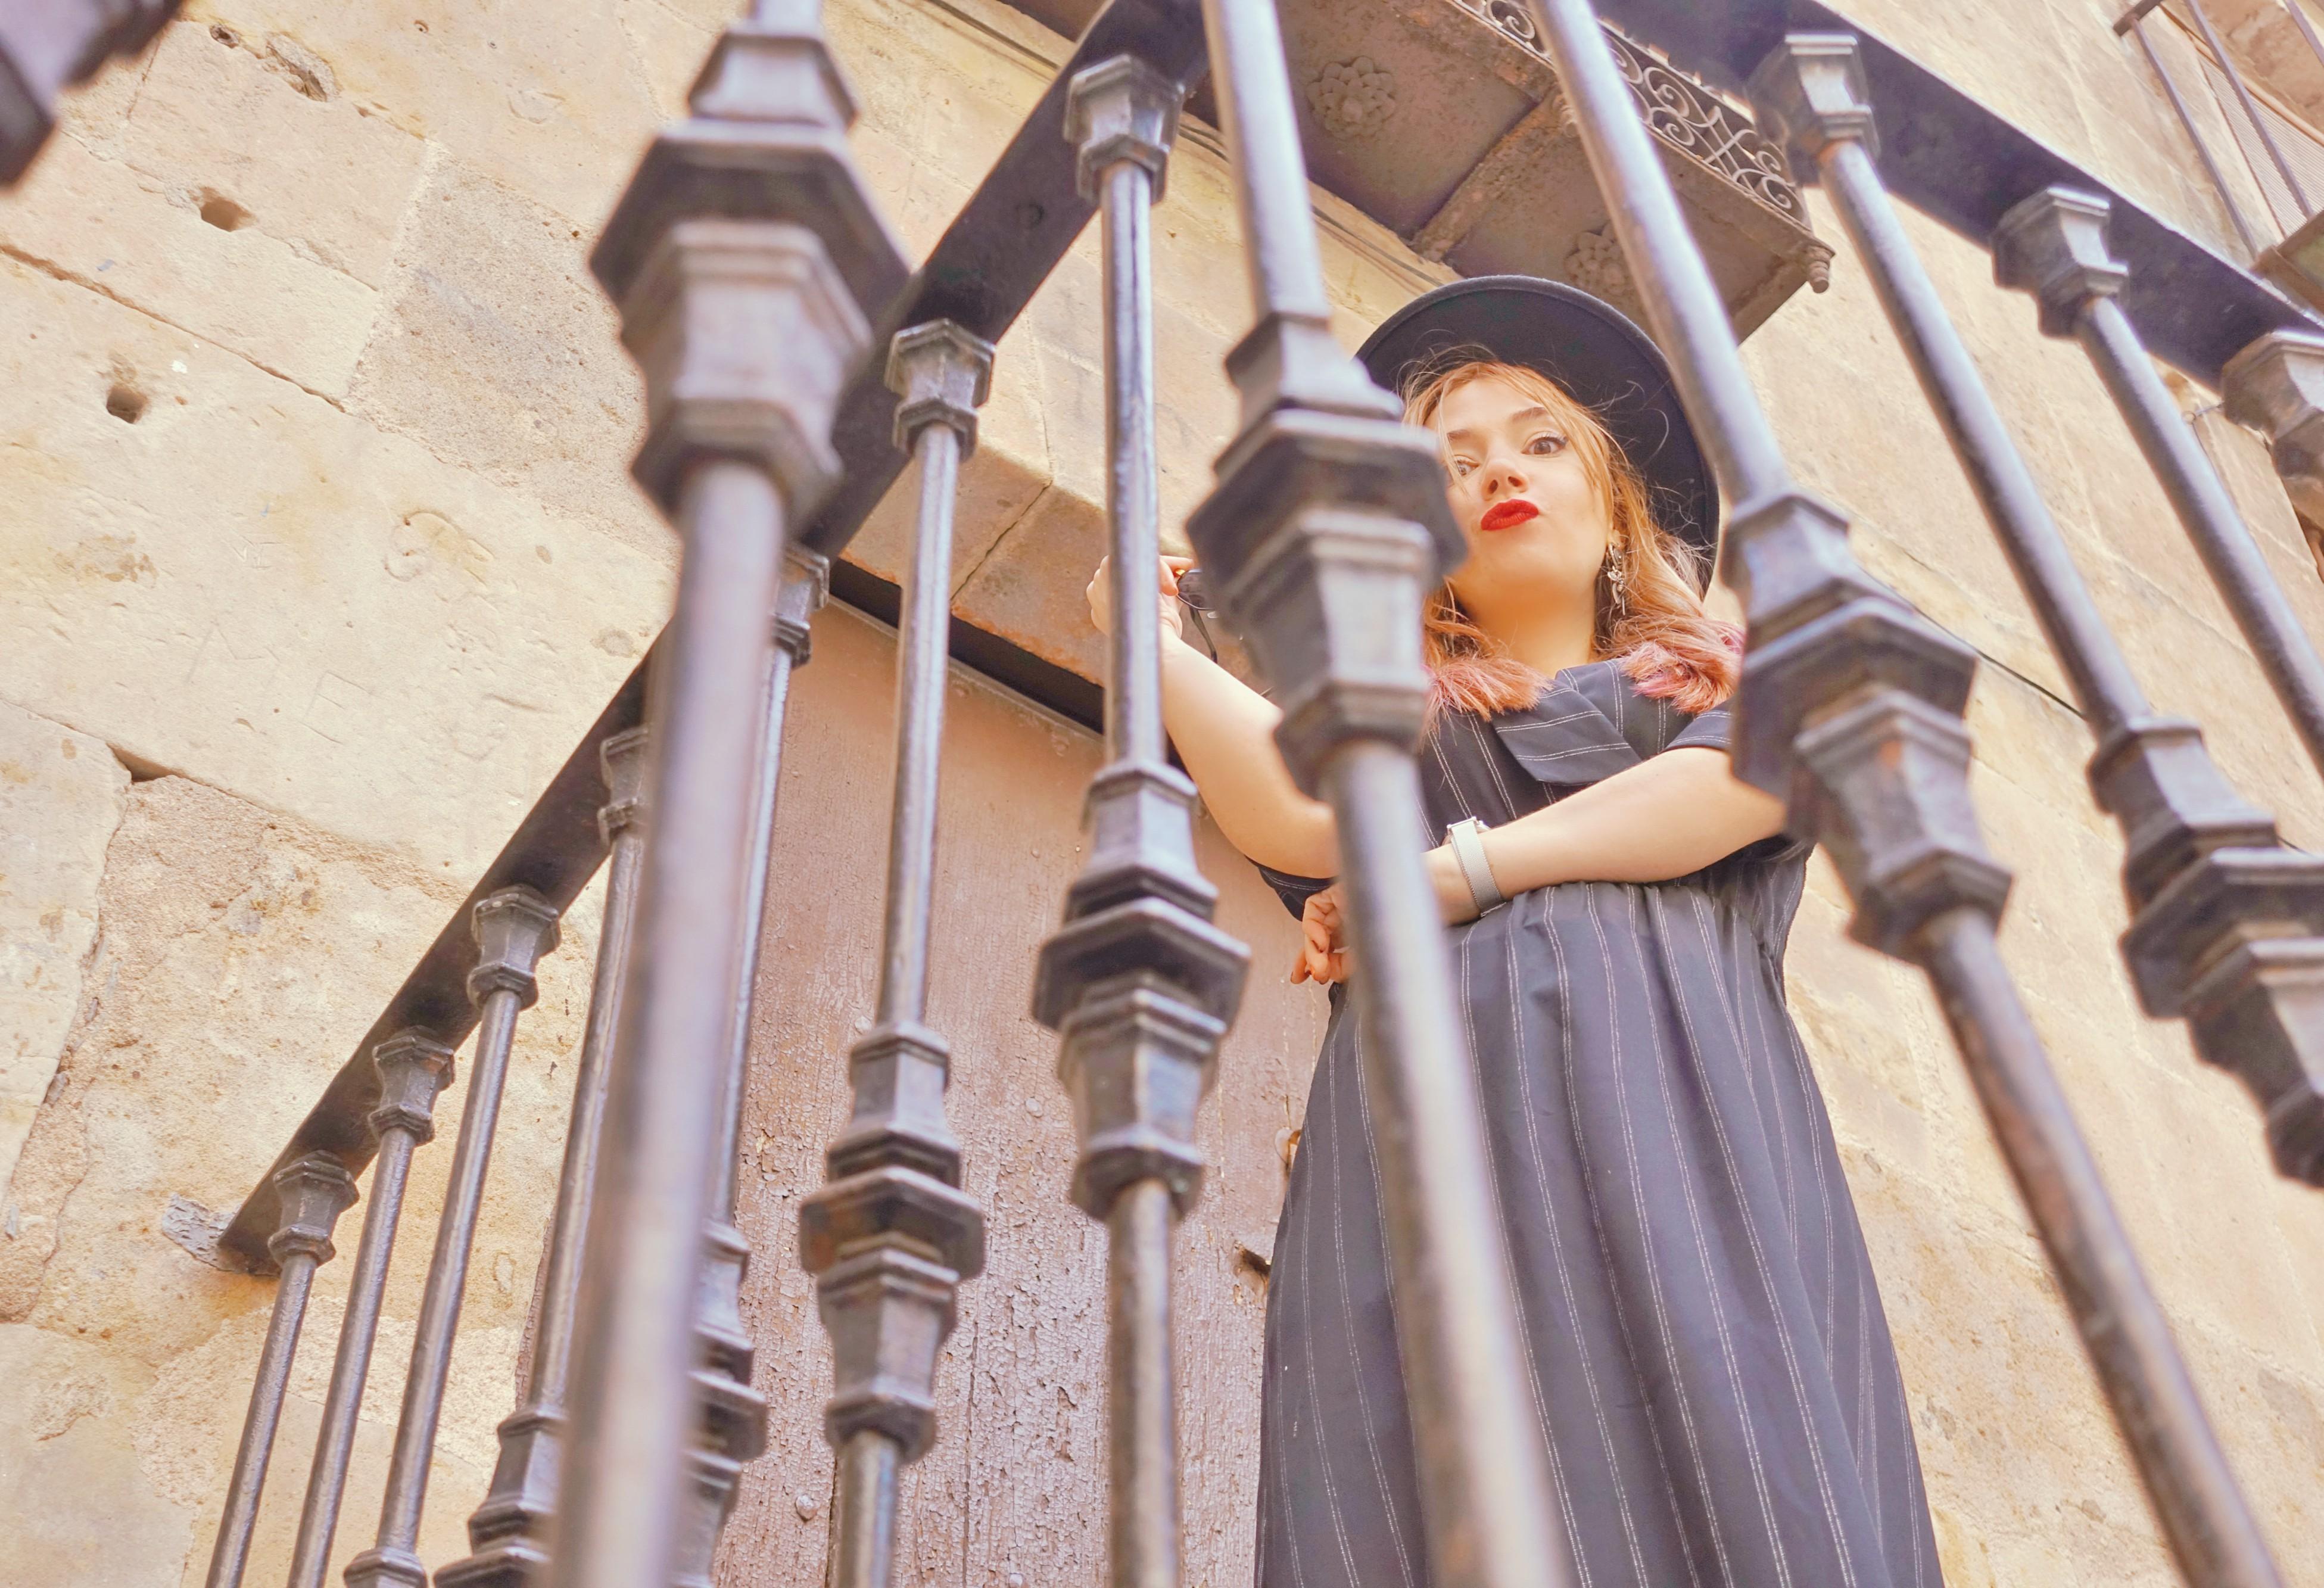 Labiales-rojos-blog-de-moda-ChicAdicta-vintage-style-ChicAdicta-influencer-salamanca-espana-PiensaenChic-Piensa-en-Chic